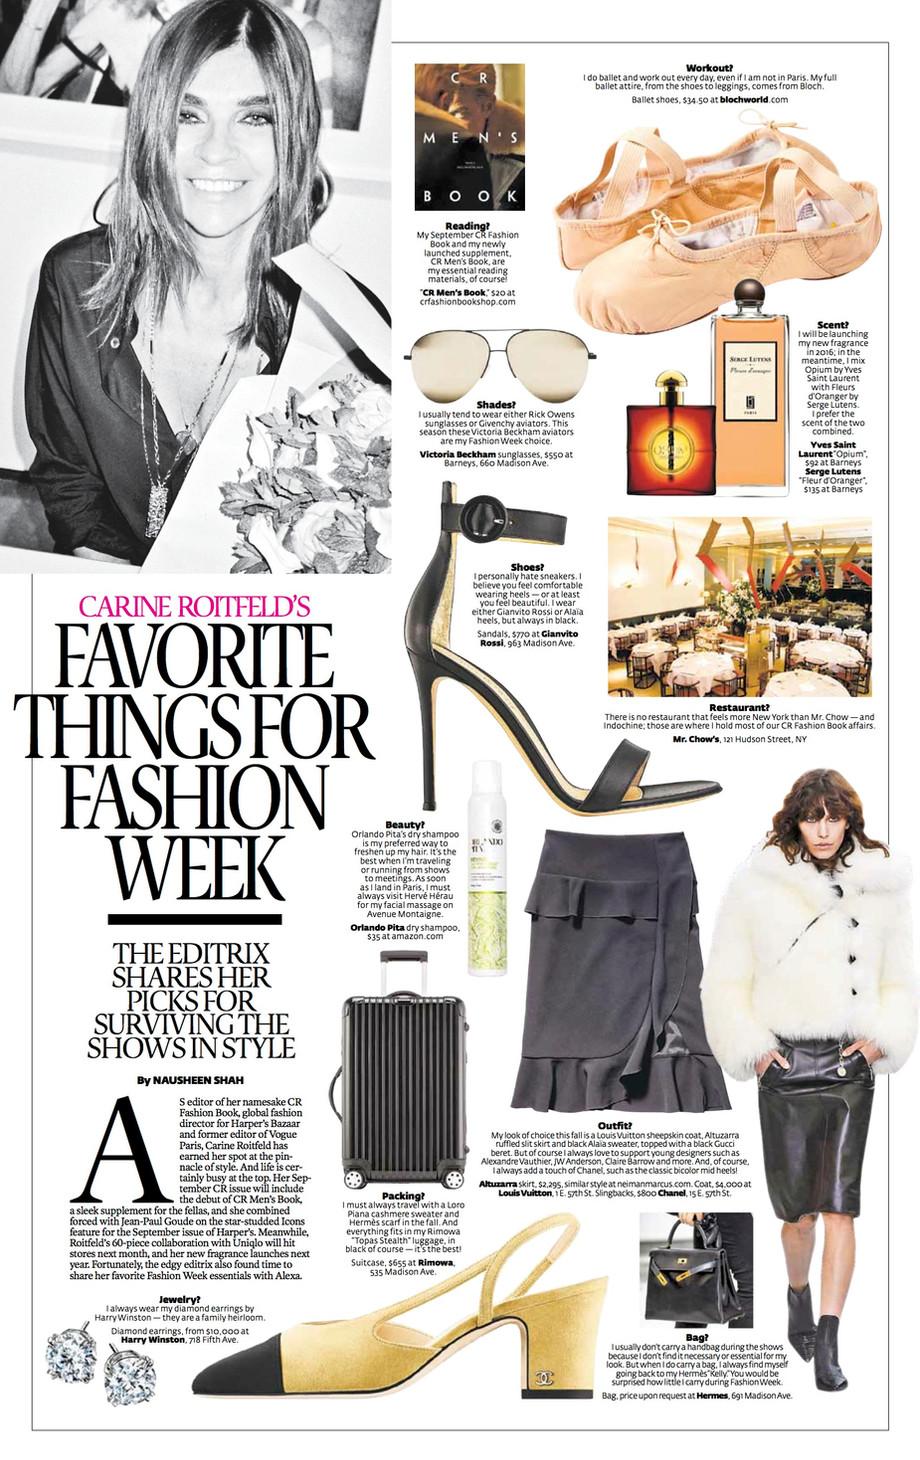 Harper's Bazaar: Carine Roitfeld Interview